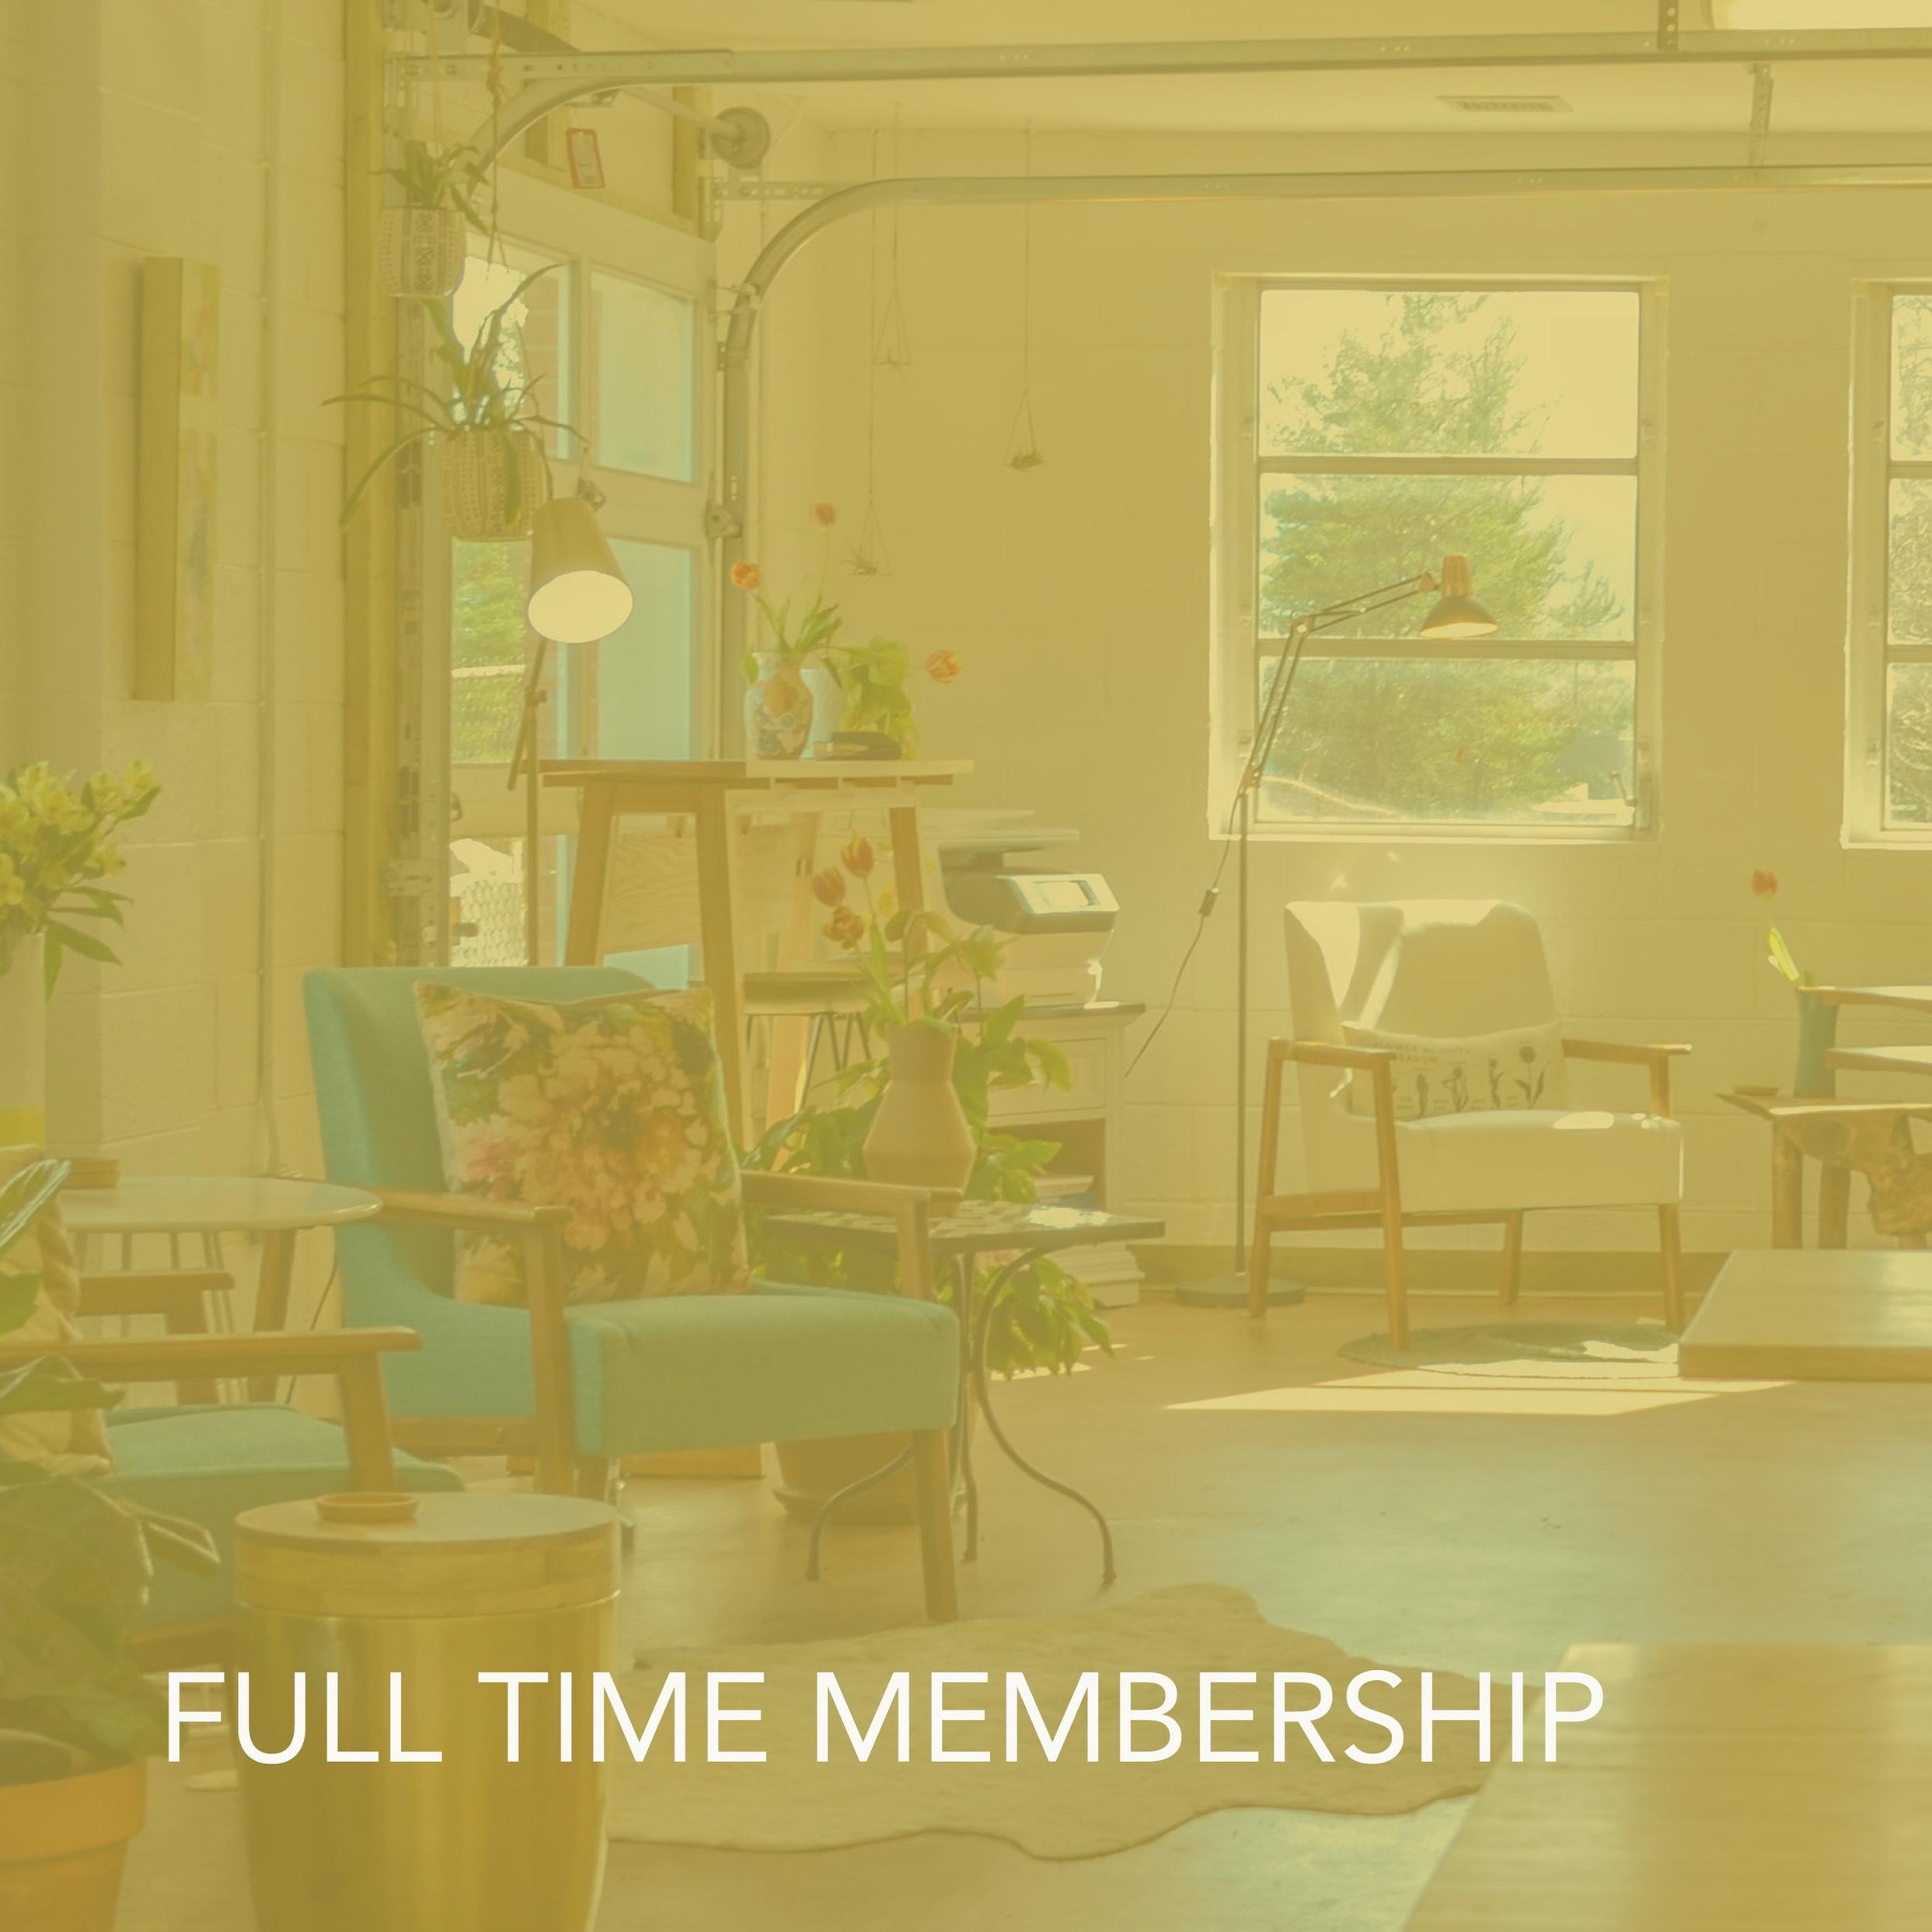 FULL-TIMEFINAL.jpg